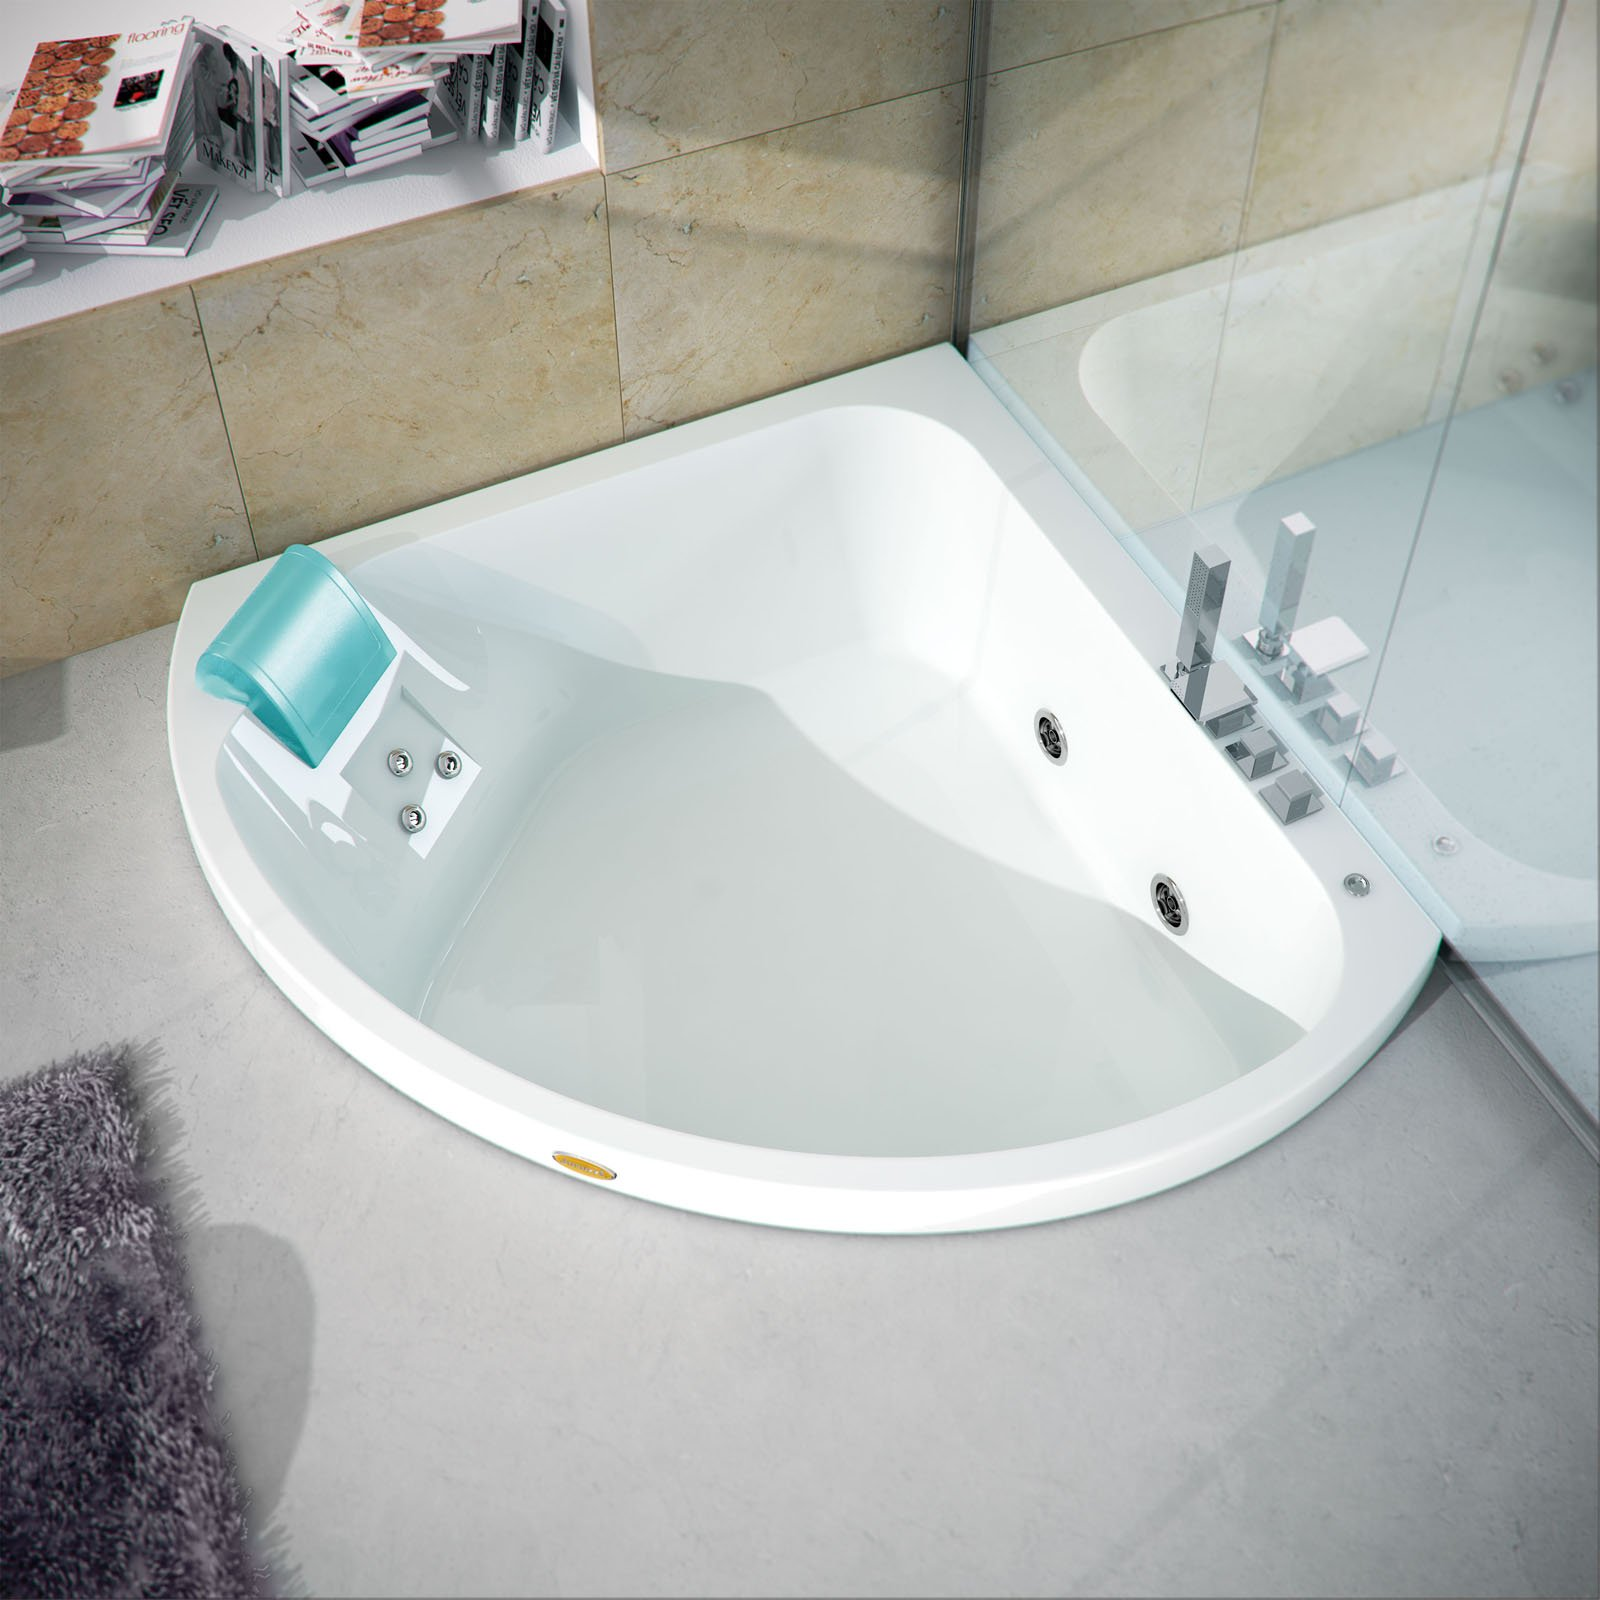 Vasca Da Bagno Piccola Con Sedile.Vasche Da Bagno Piccole Soluzioni Per Il Bagno Anche Mini Cose Di Casa